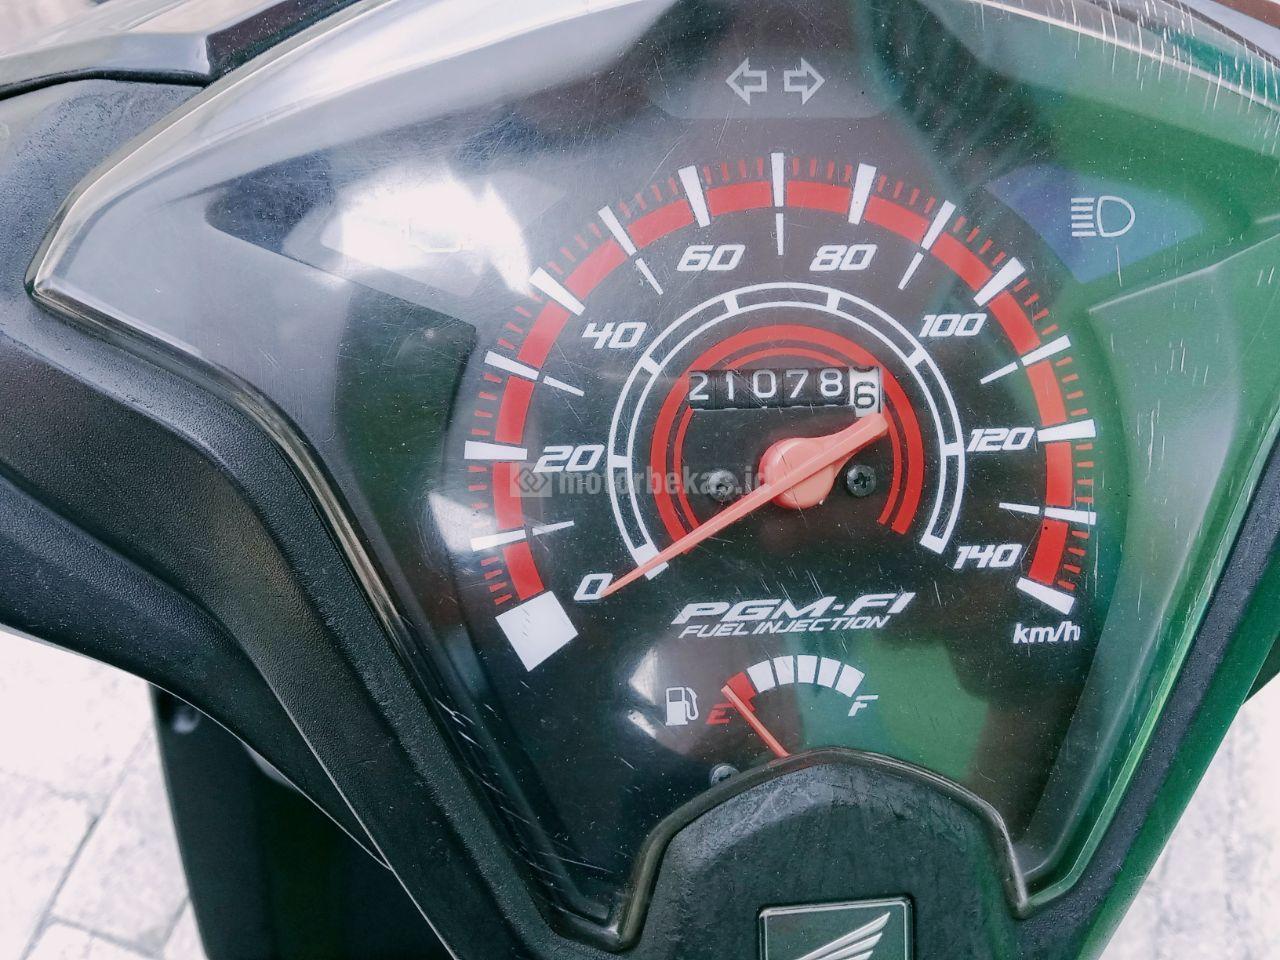 HONDA BEAT FI 861 motorbekas.id